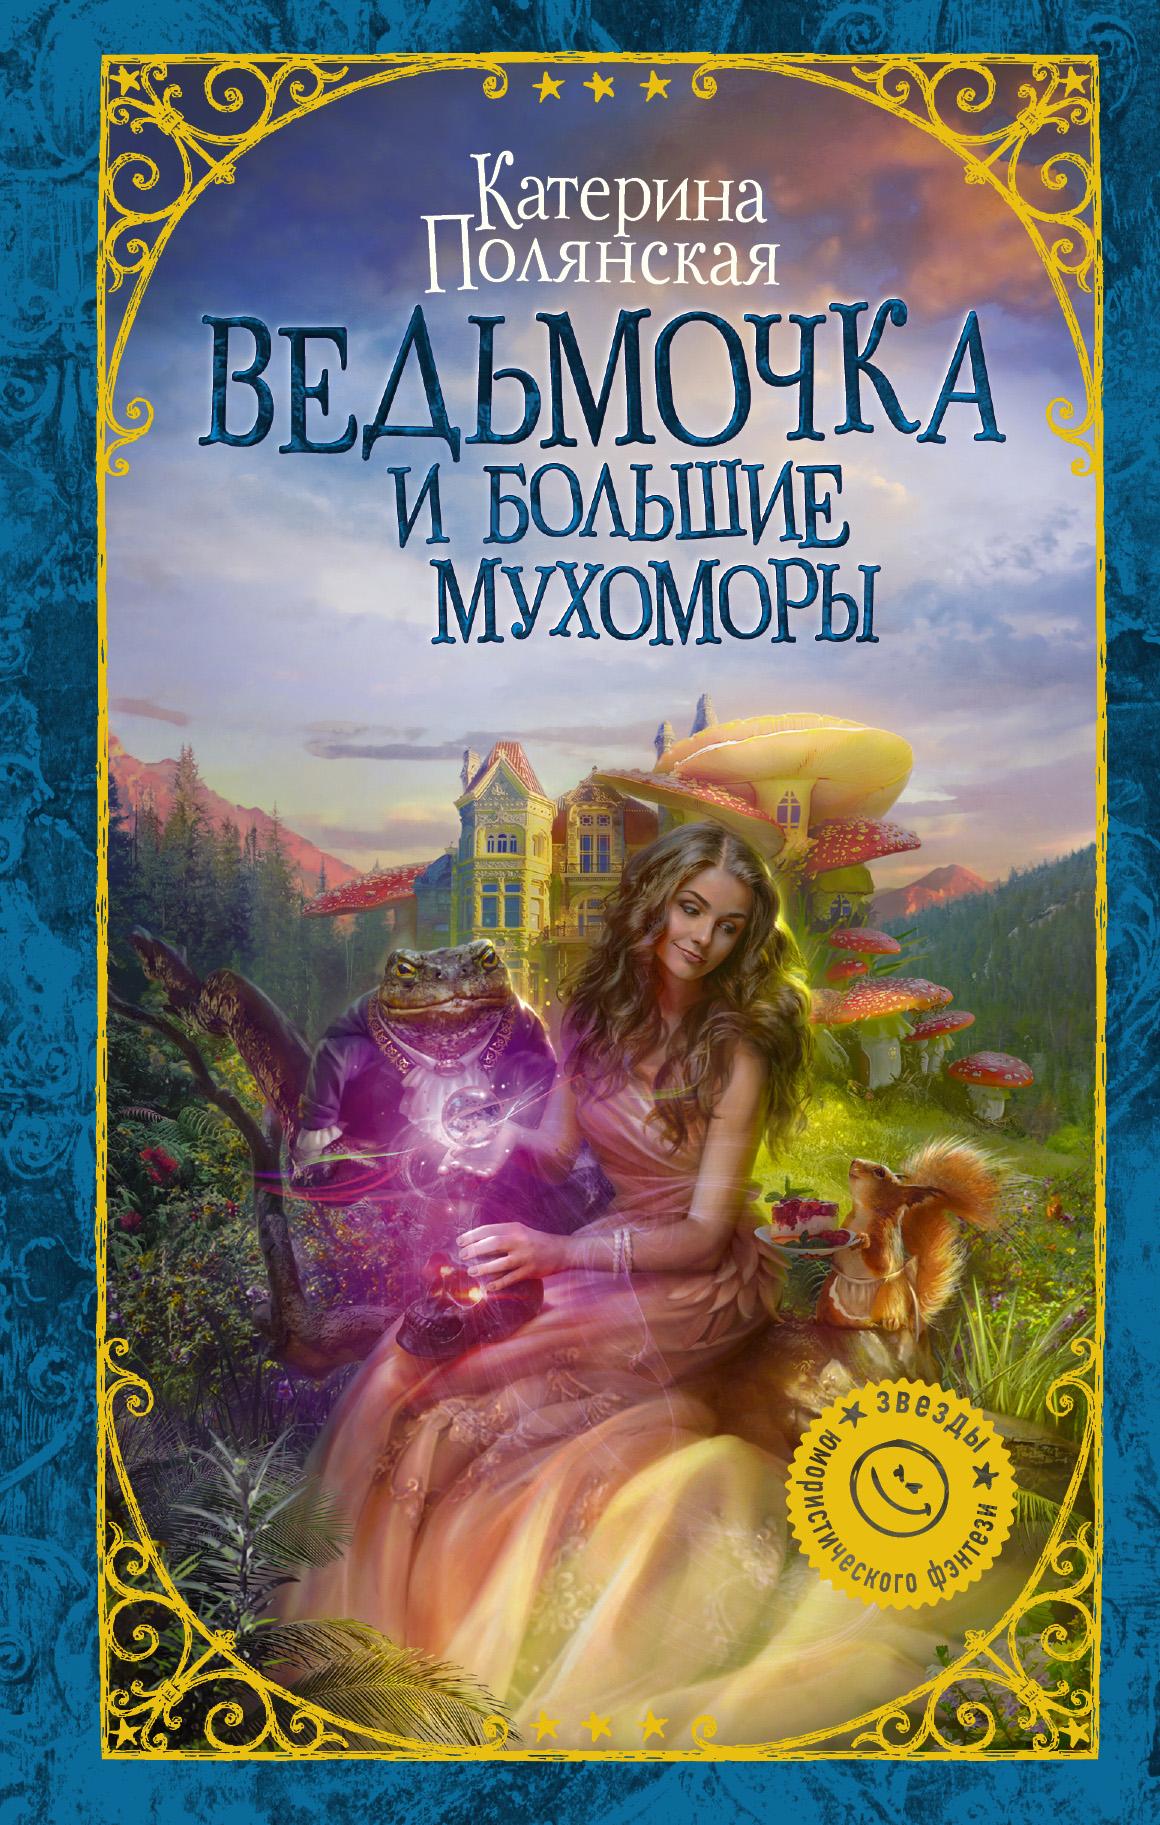 Катерина Полянская Ведьмочка и большие мухоморы